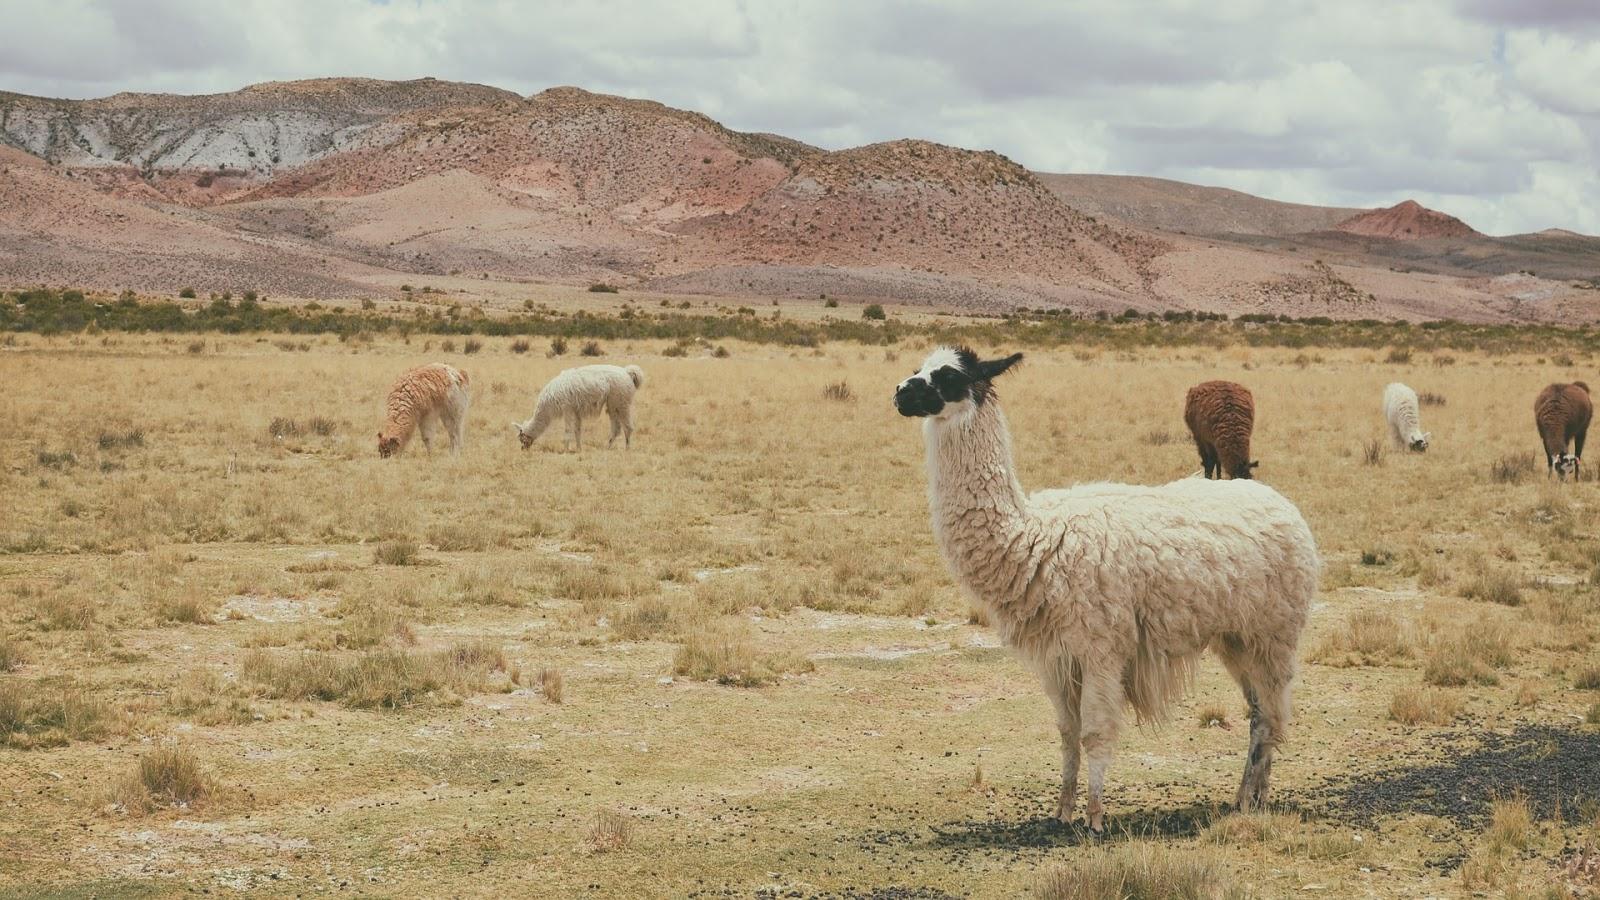 Alpakas - Wolllieferanten für weiche und natürliche Alpakawolle